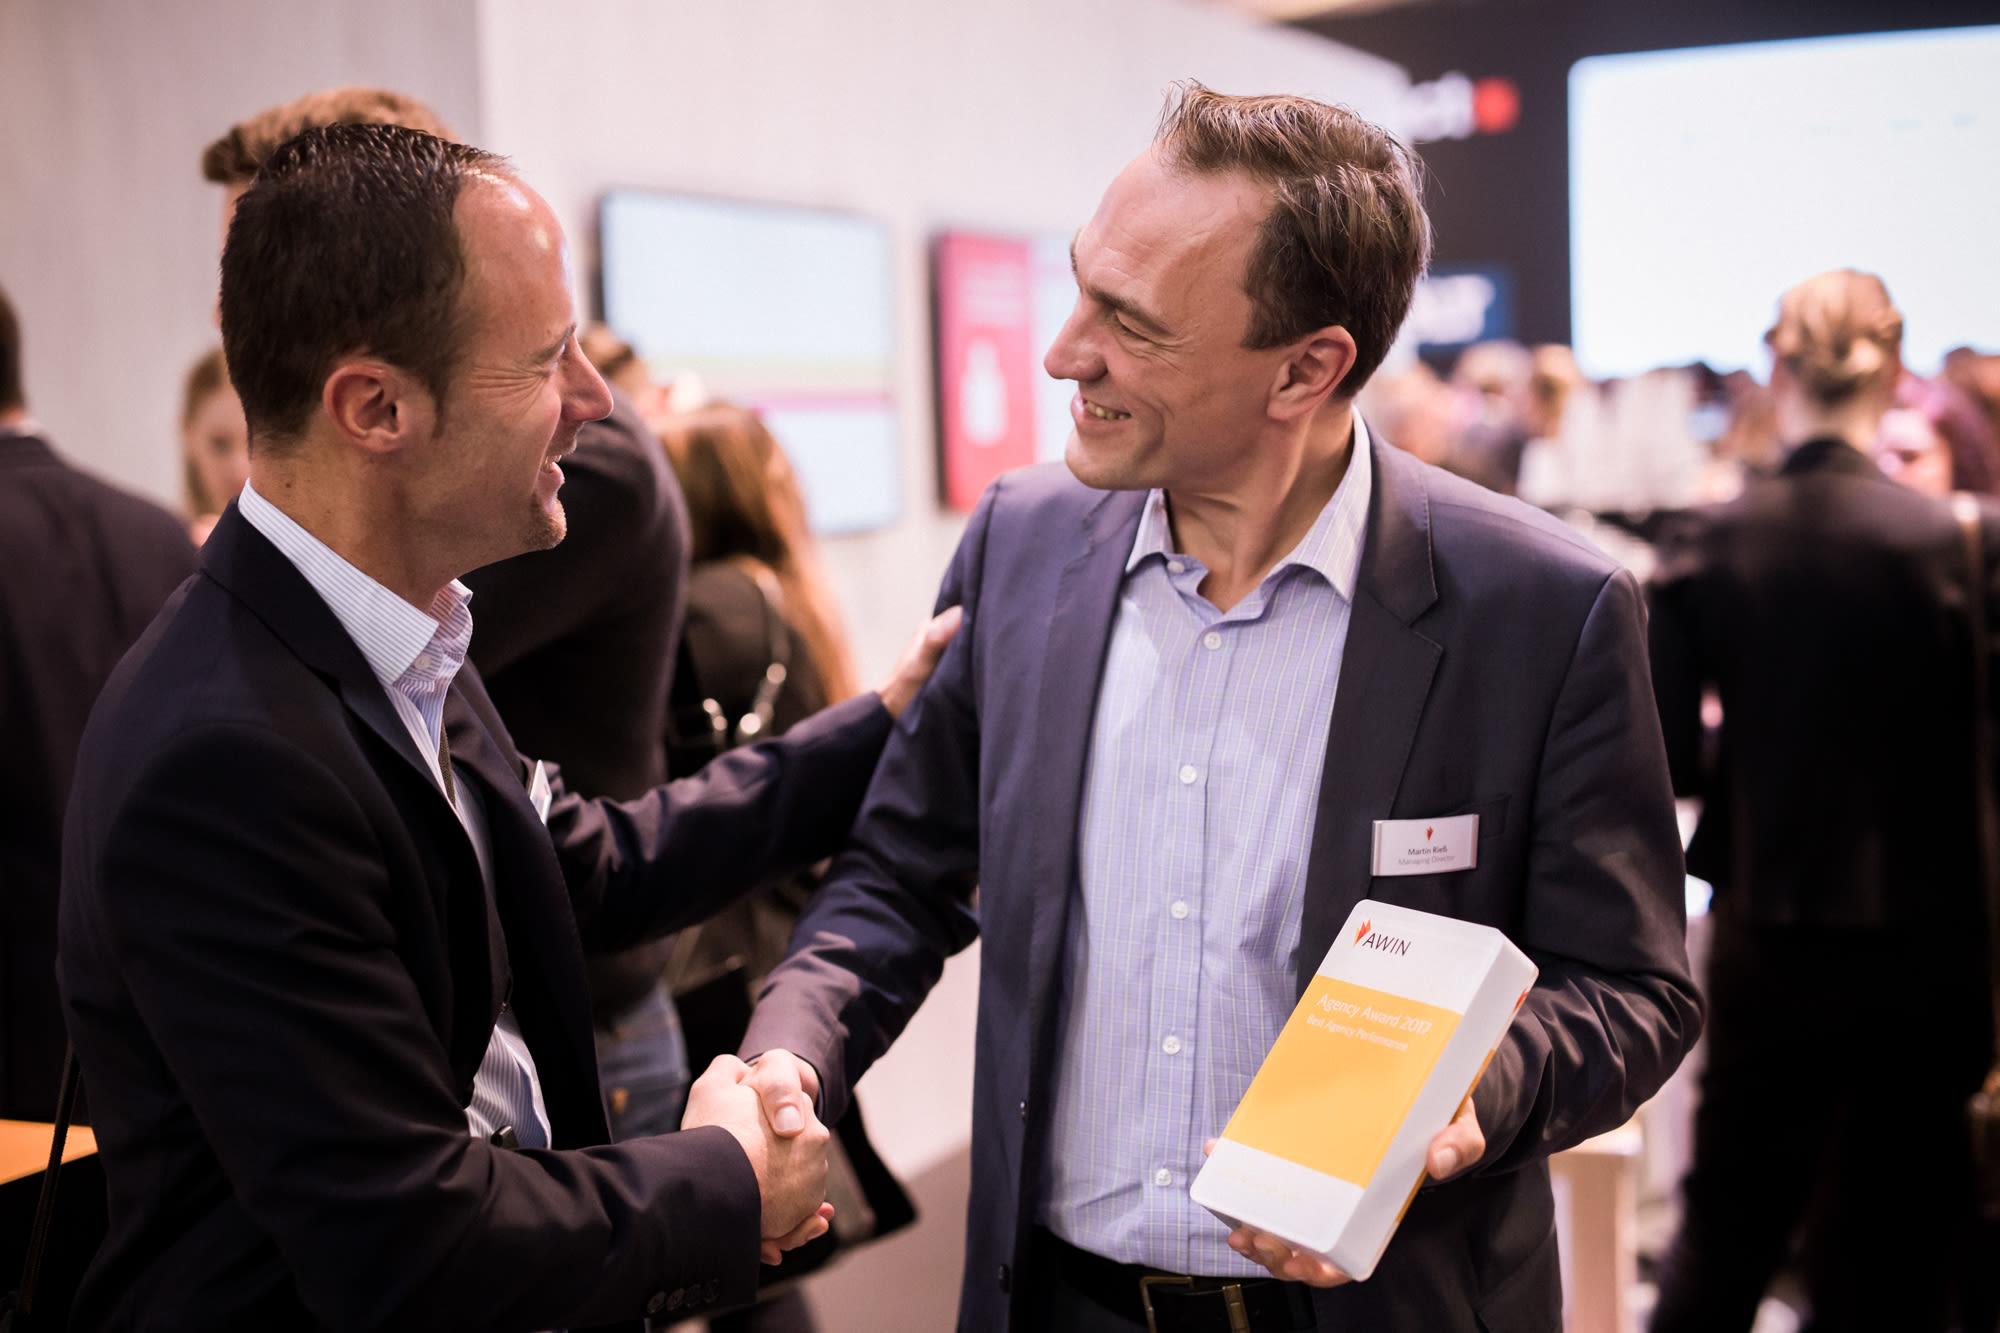 Martin Rieß überreicht den Award an Daniel Schetter